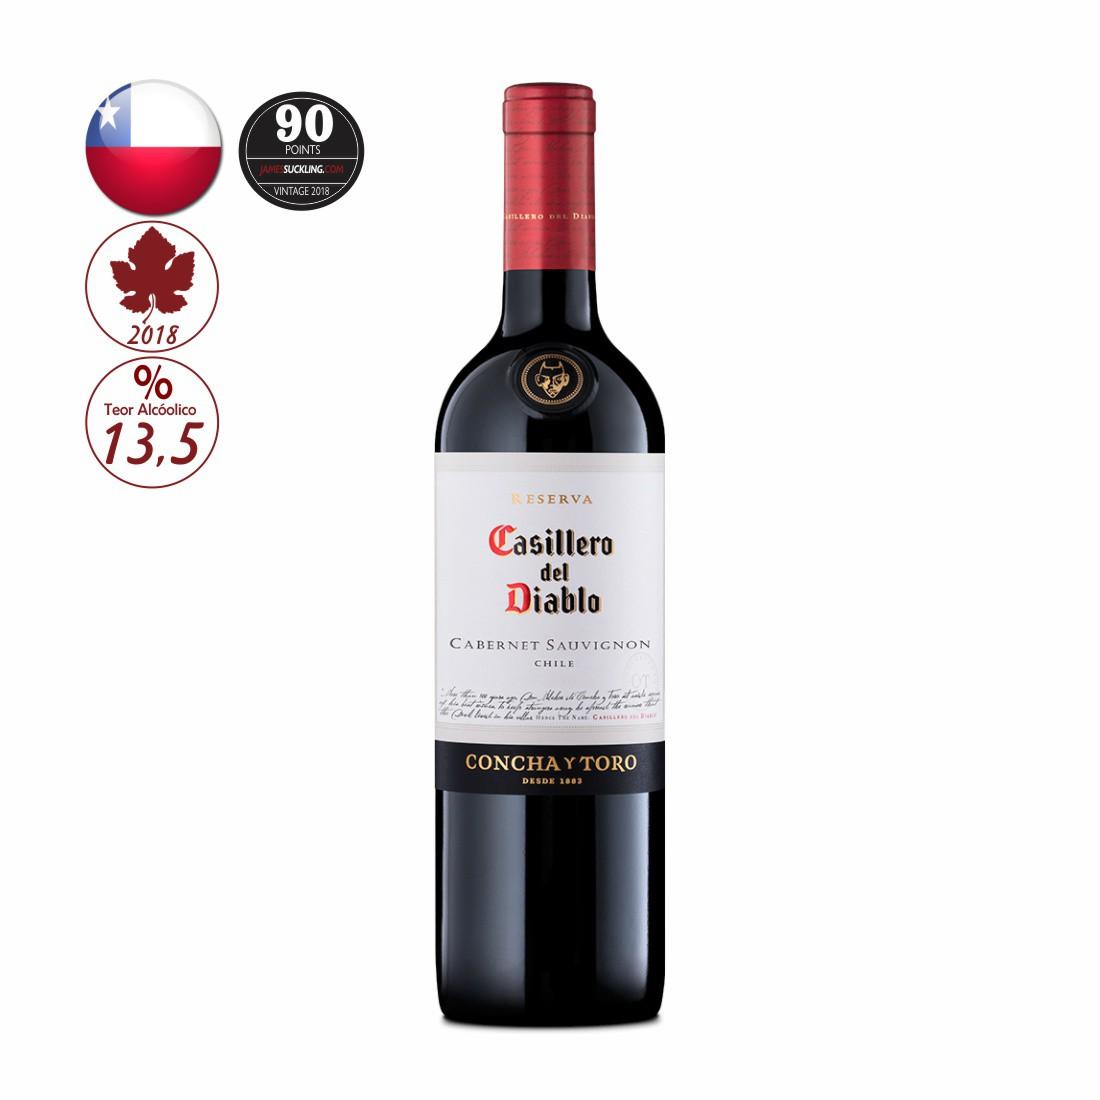 VINHO CASILLERO DEL DIABLO 750ML CABERNET SAUVIGNON